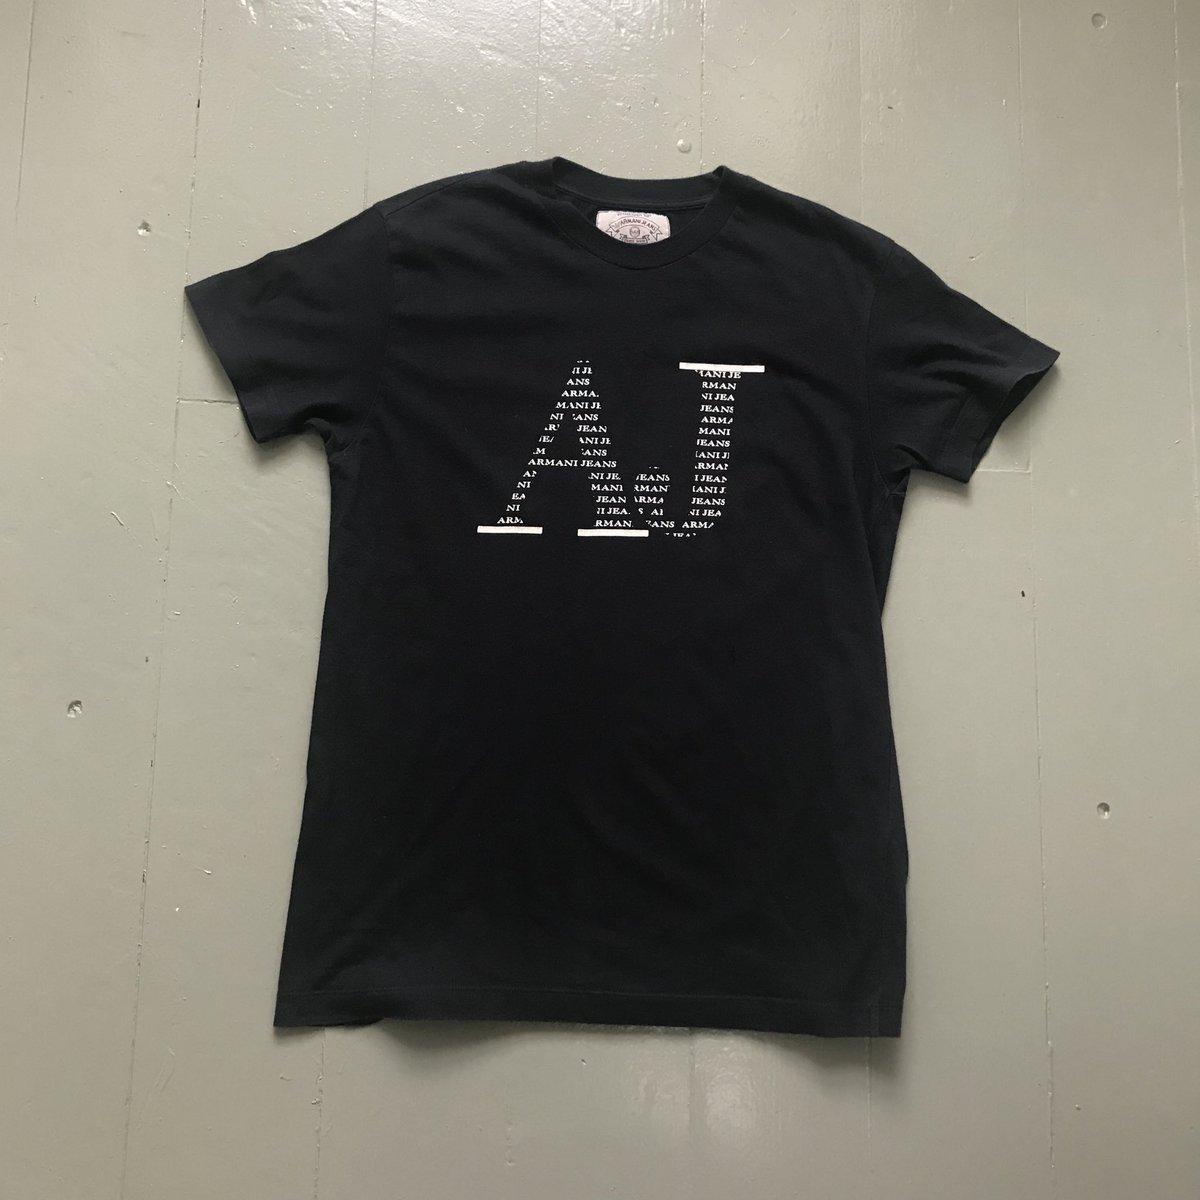 df9124e3b77a Black Armani Jeans T-Shirt Size - M Condition - 9 10 Price - £20  Black   Tshirt  Shirt  BlackShirt  BlackTShirt  Armani  Jeans  ArmaniJeans ...